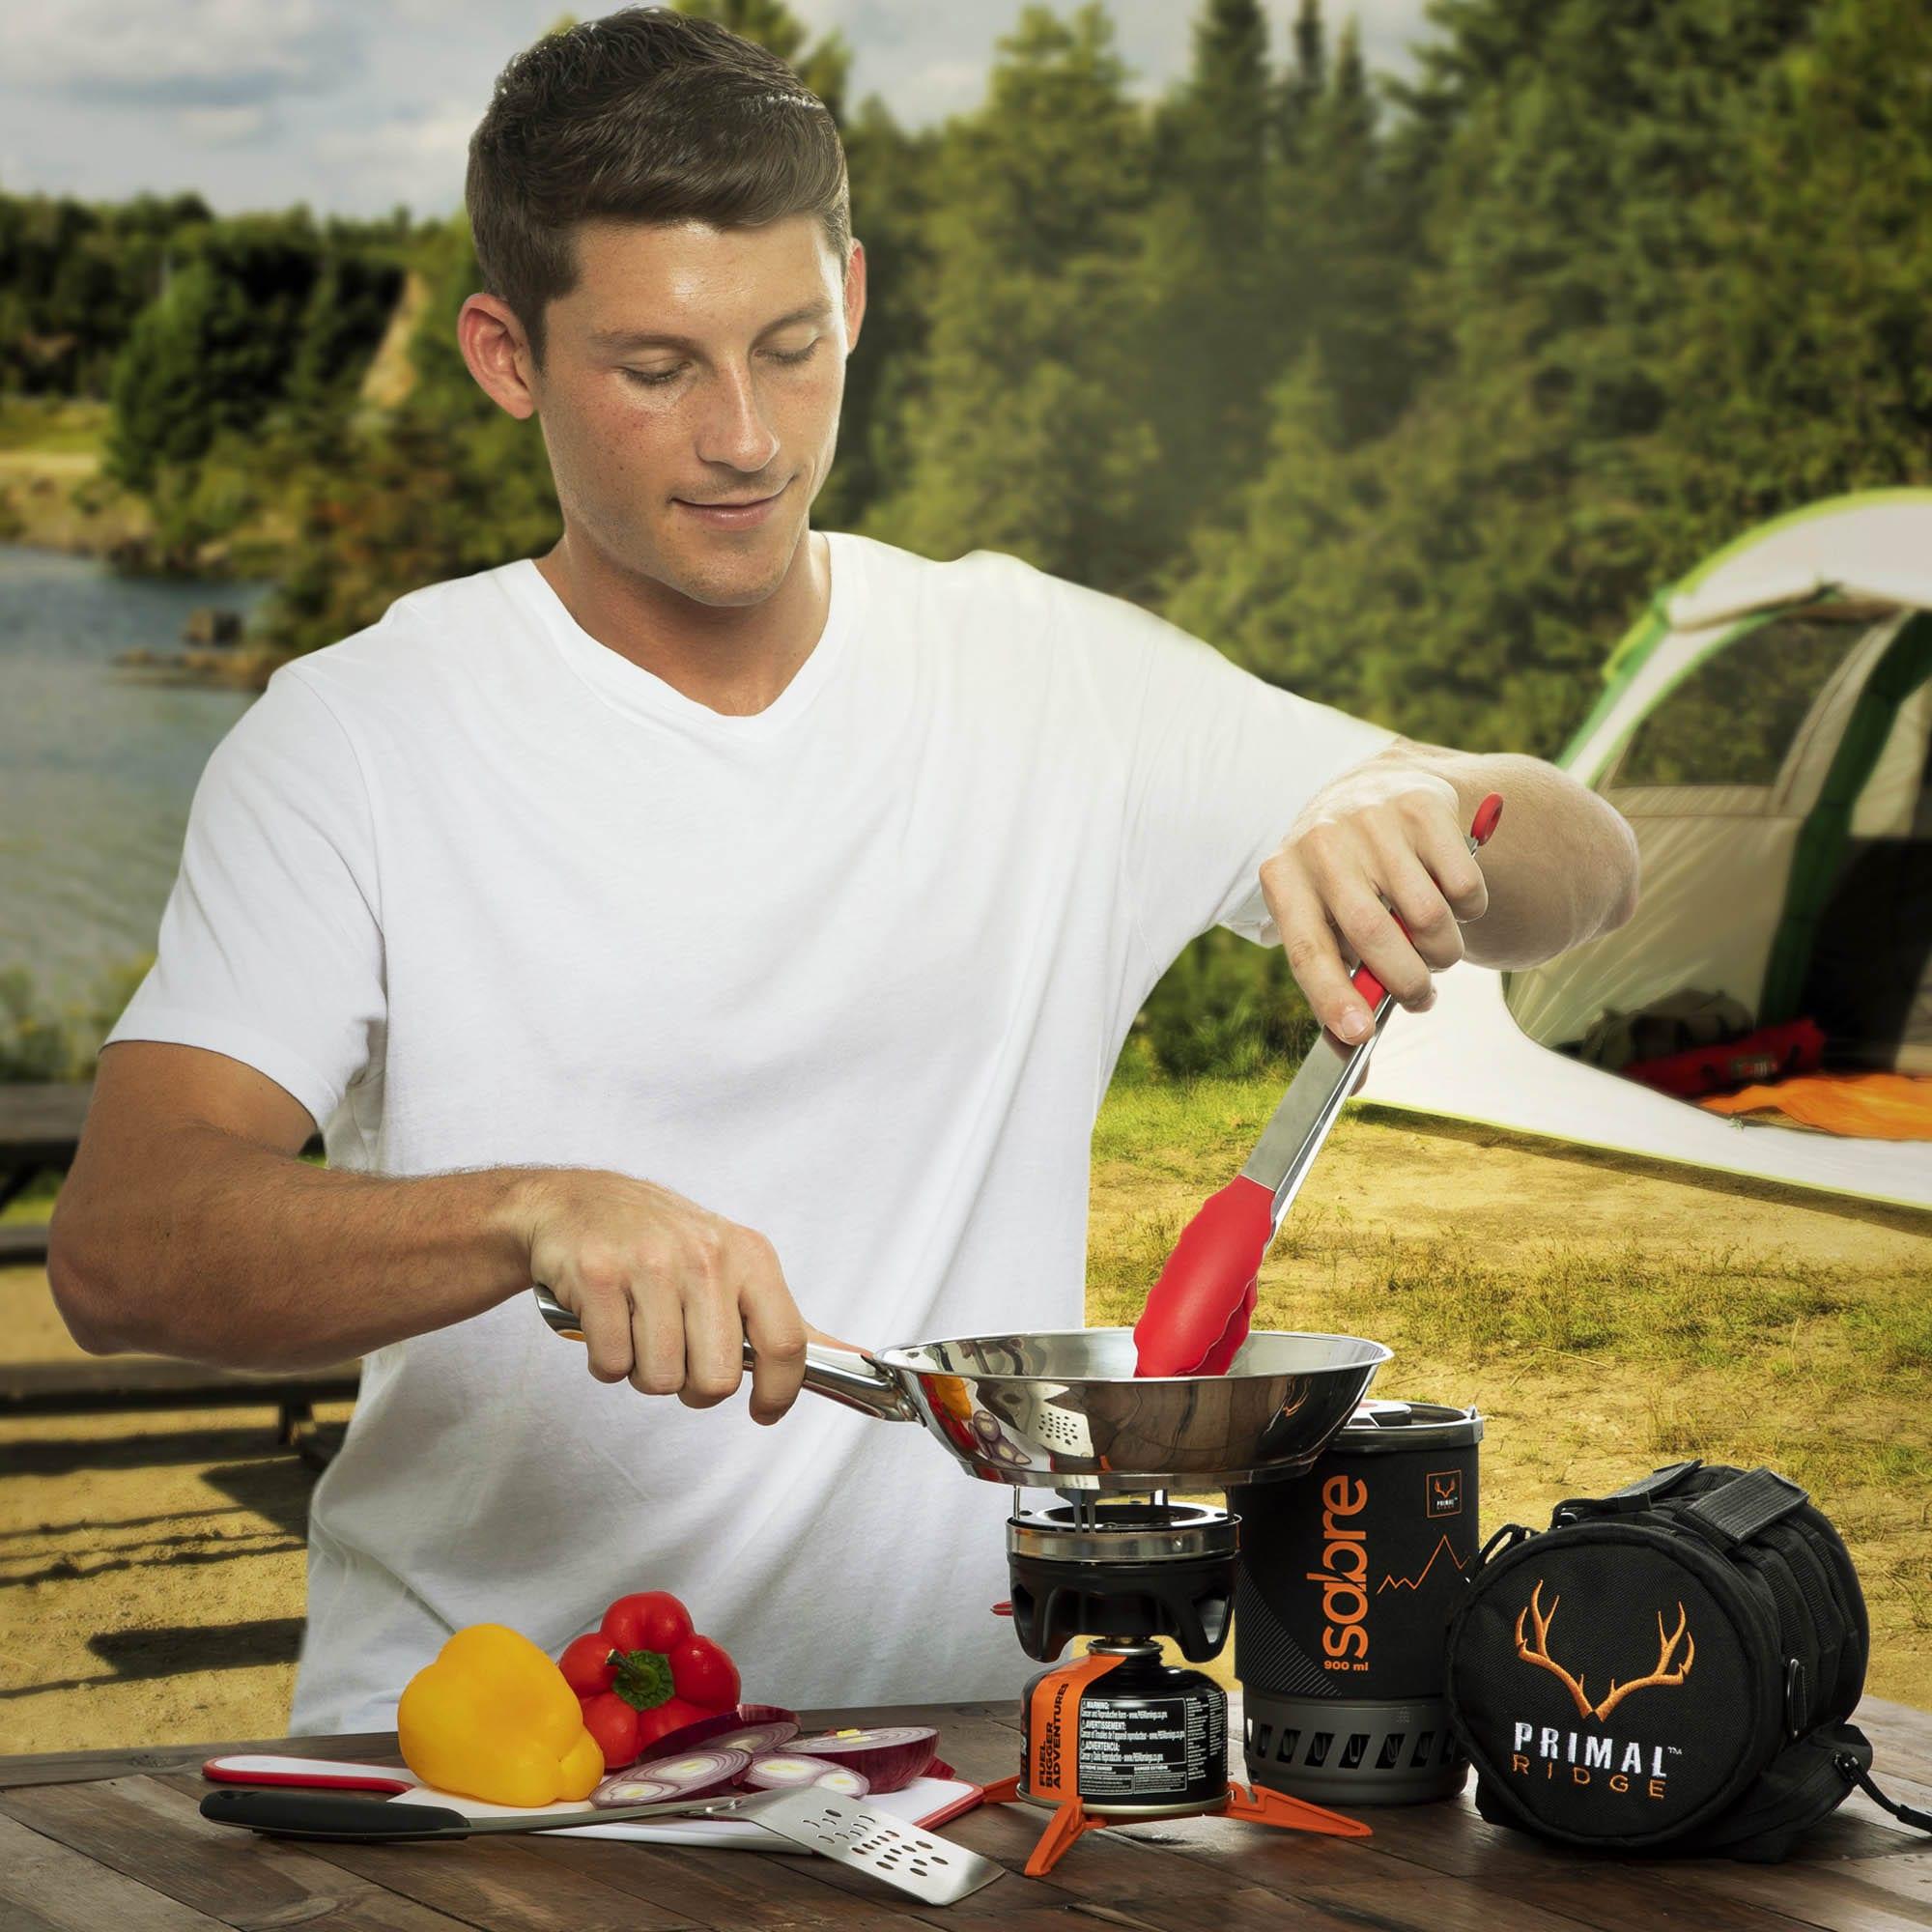 Amazon Lifestyle Product Photography